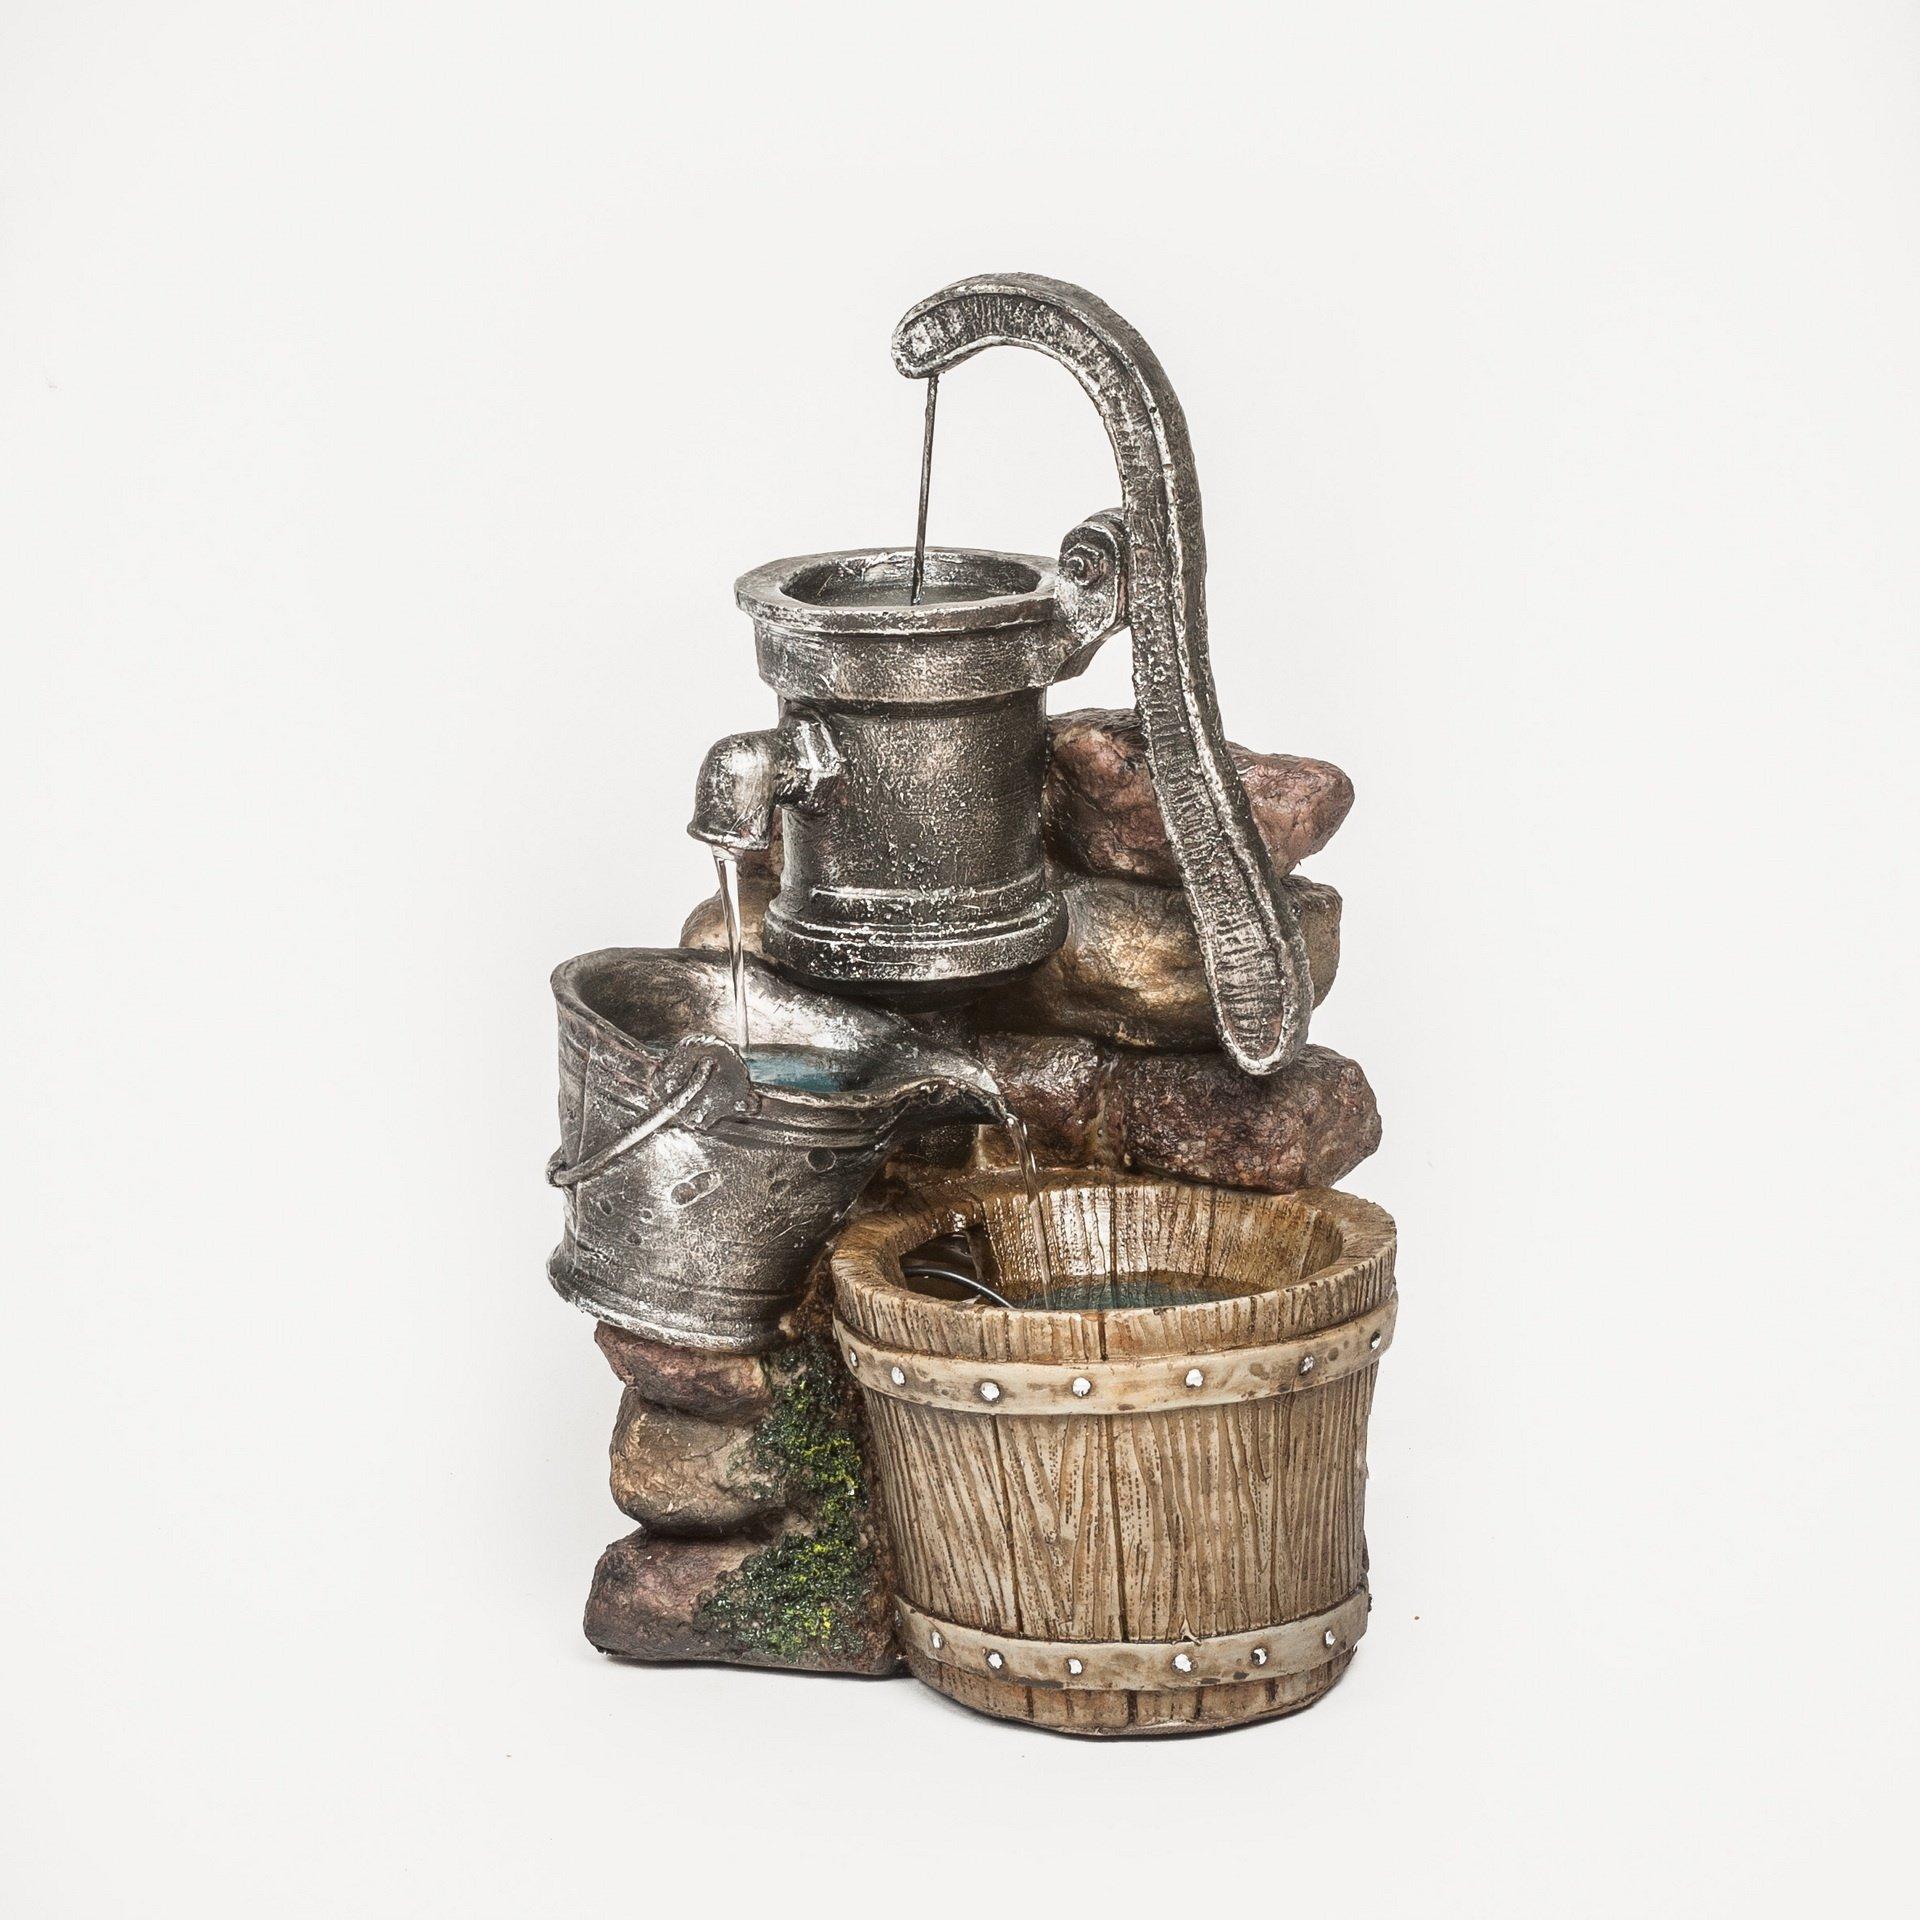 Small Hand Pump & Barrel DW09161